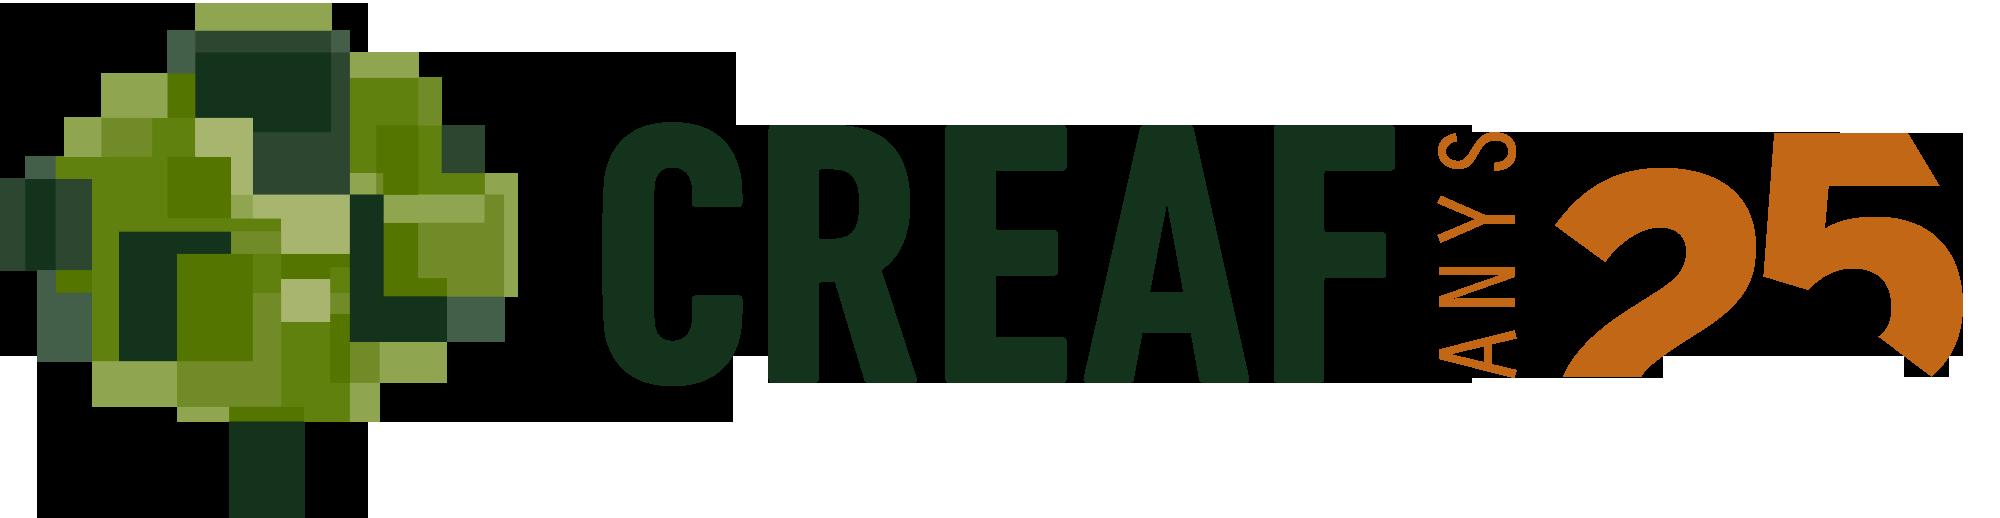 creaf25_cat